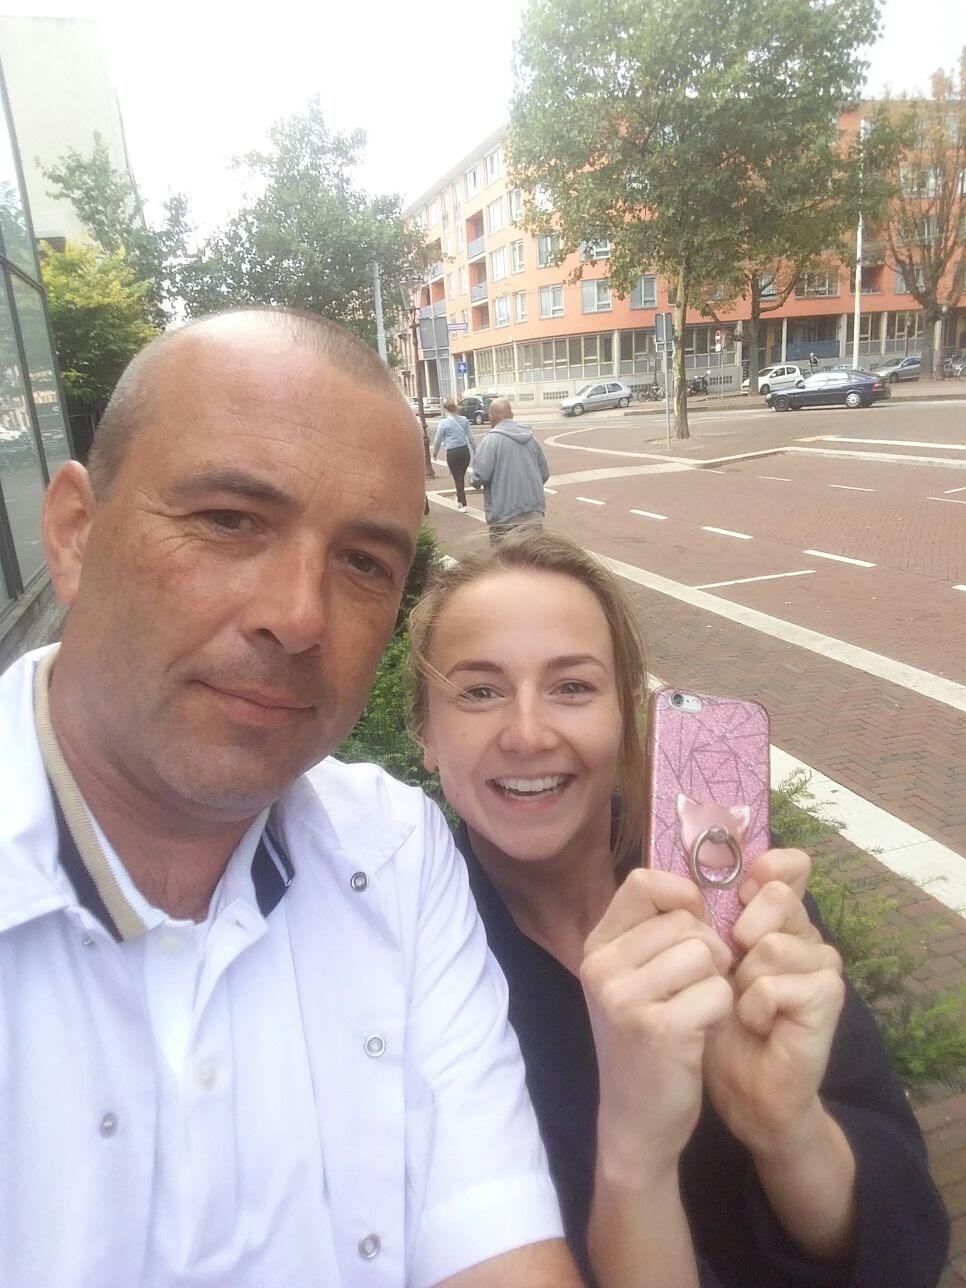 Verloren Iphone Weer Terecht Na Te Zijn Verloren Op ZeeZout Festival